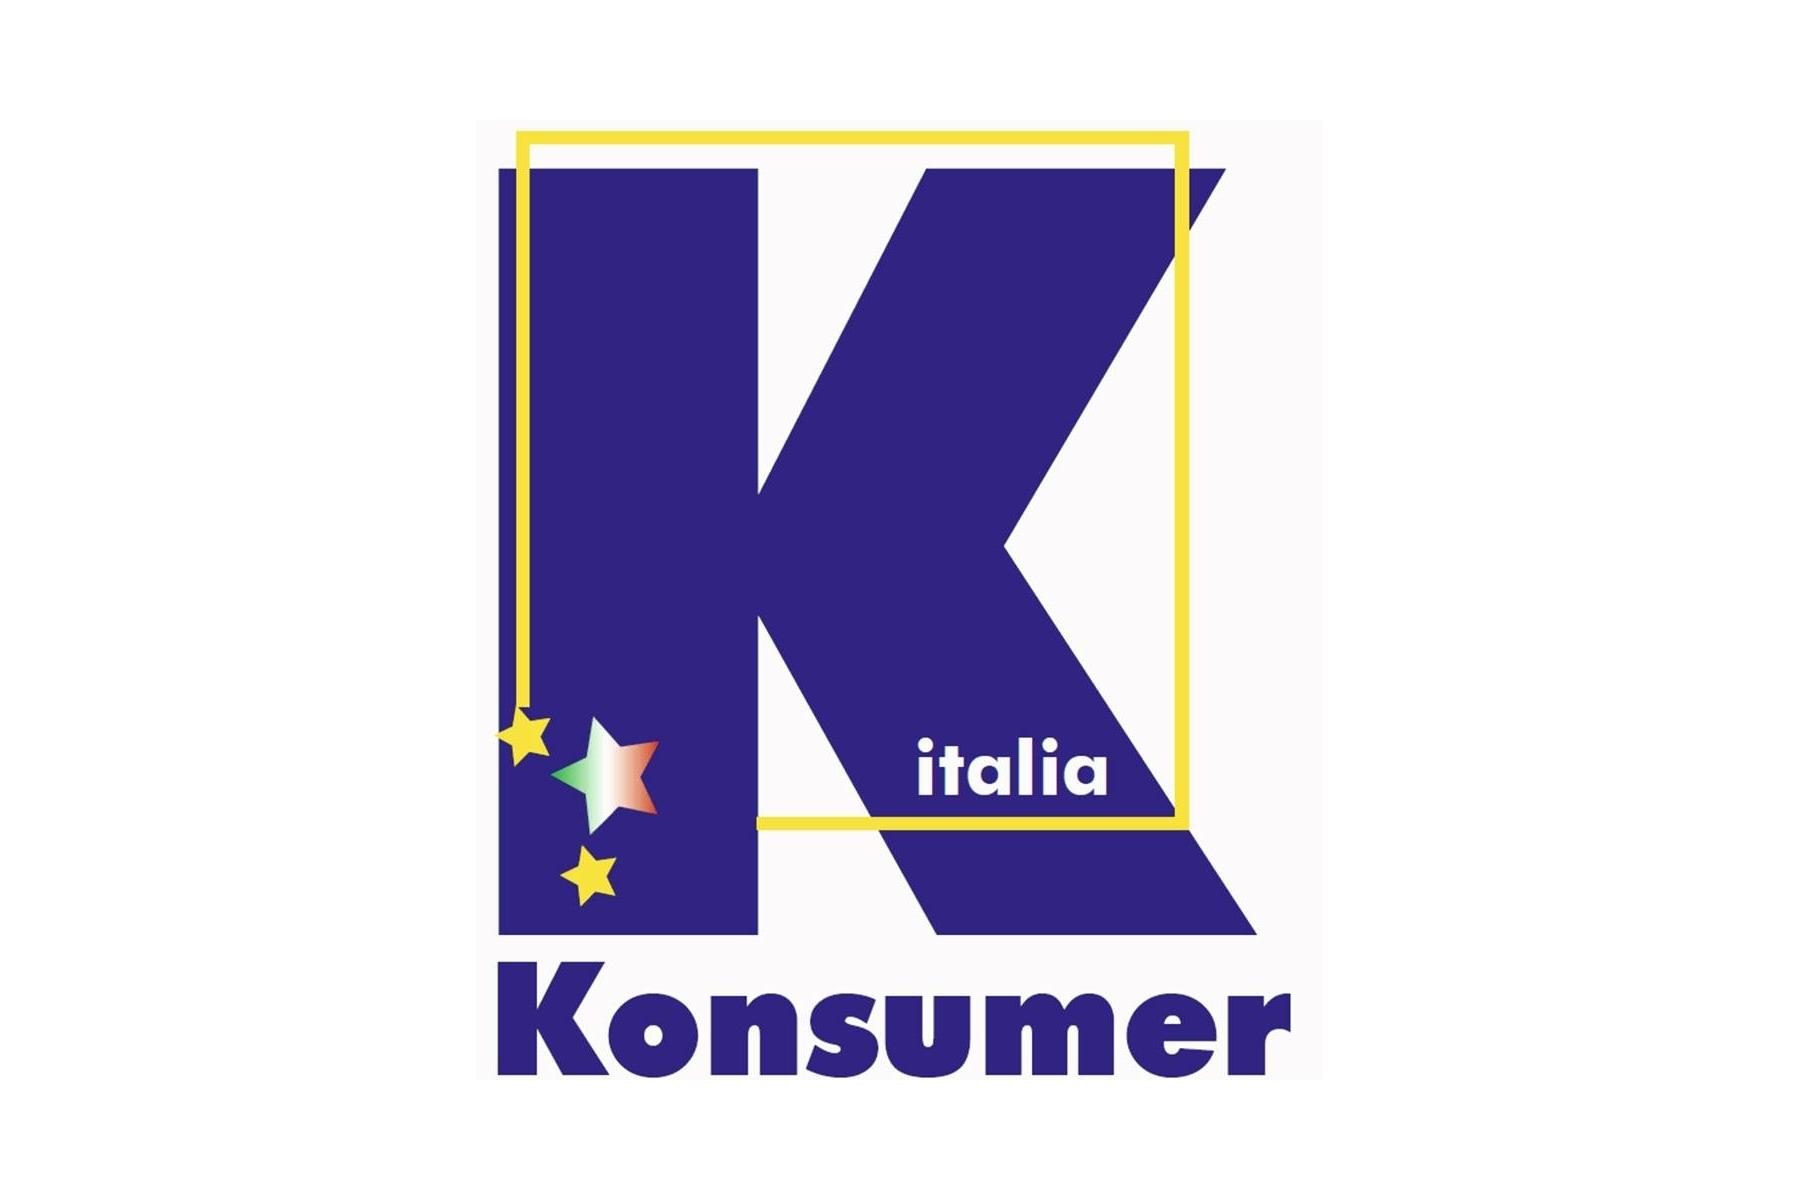 Catastrofi naturali e coperture assicurative, lettera aperta di Konsumer Italia al premier Conte